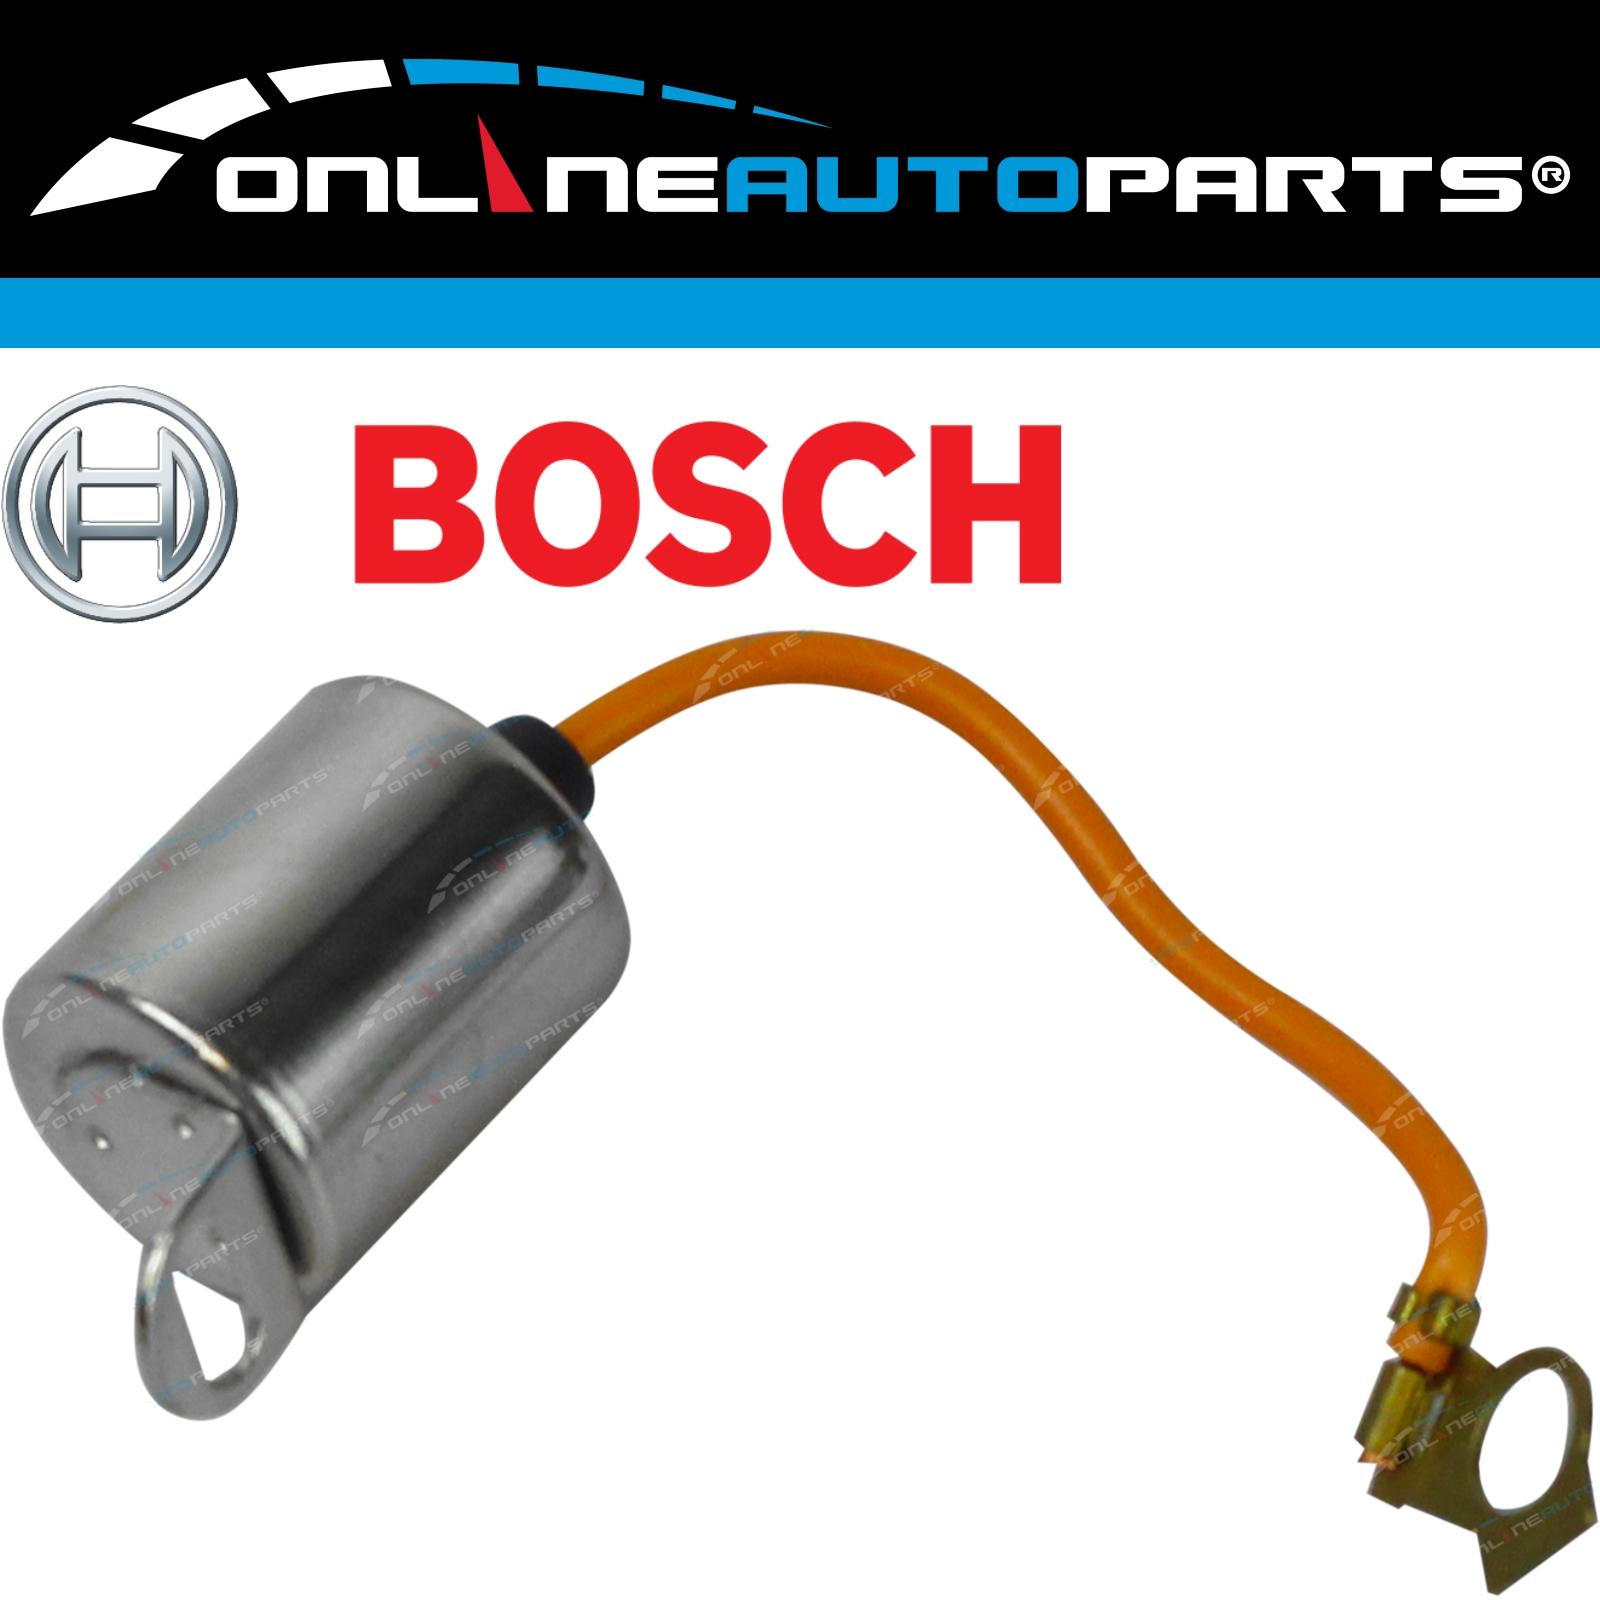 Bosch Ignition Condenser fits Holden Astra Hatchback LB 1.5L Petrol E15